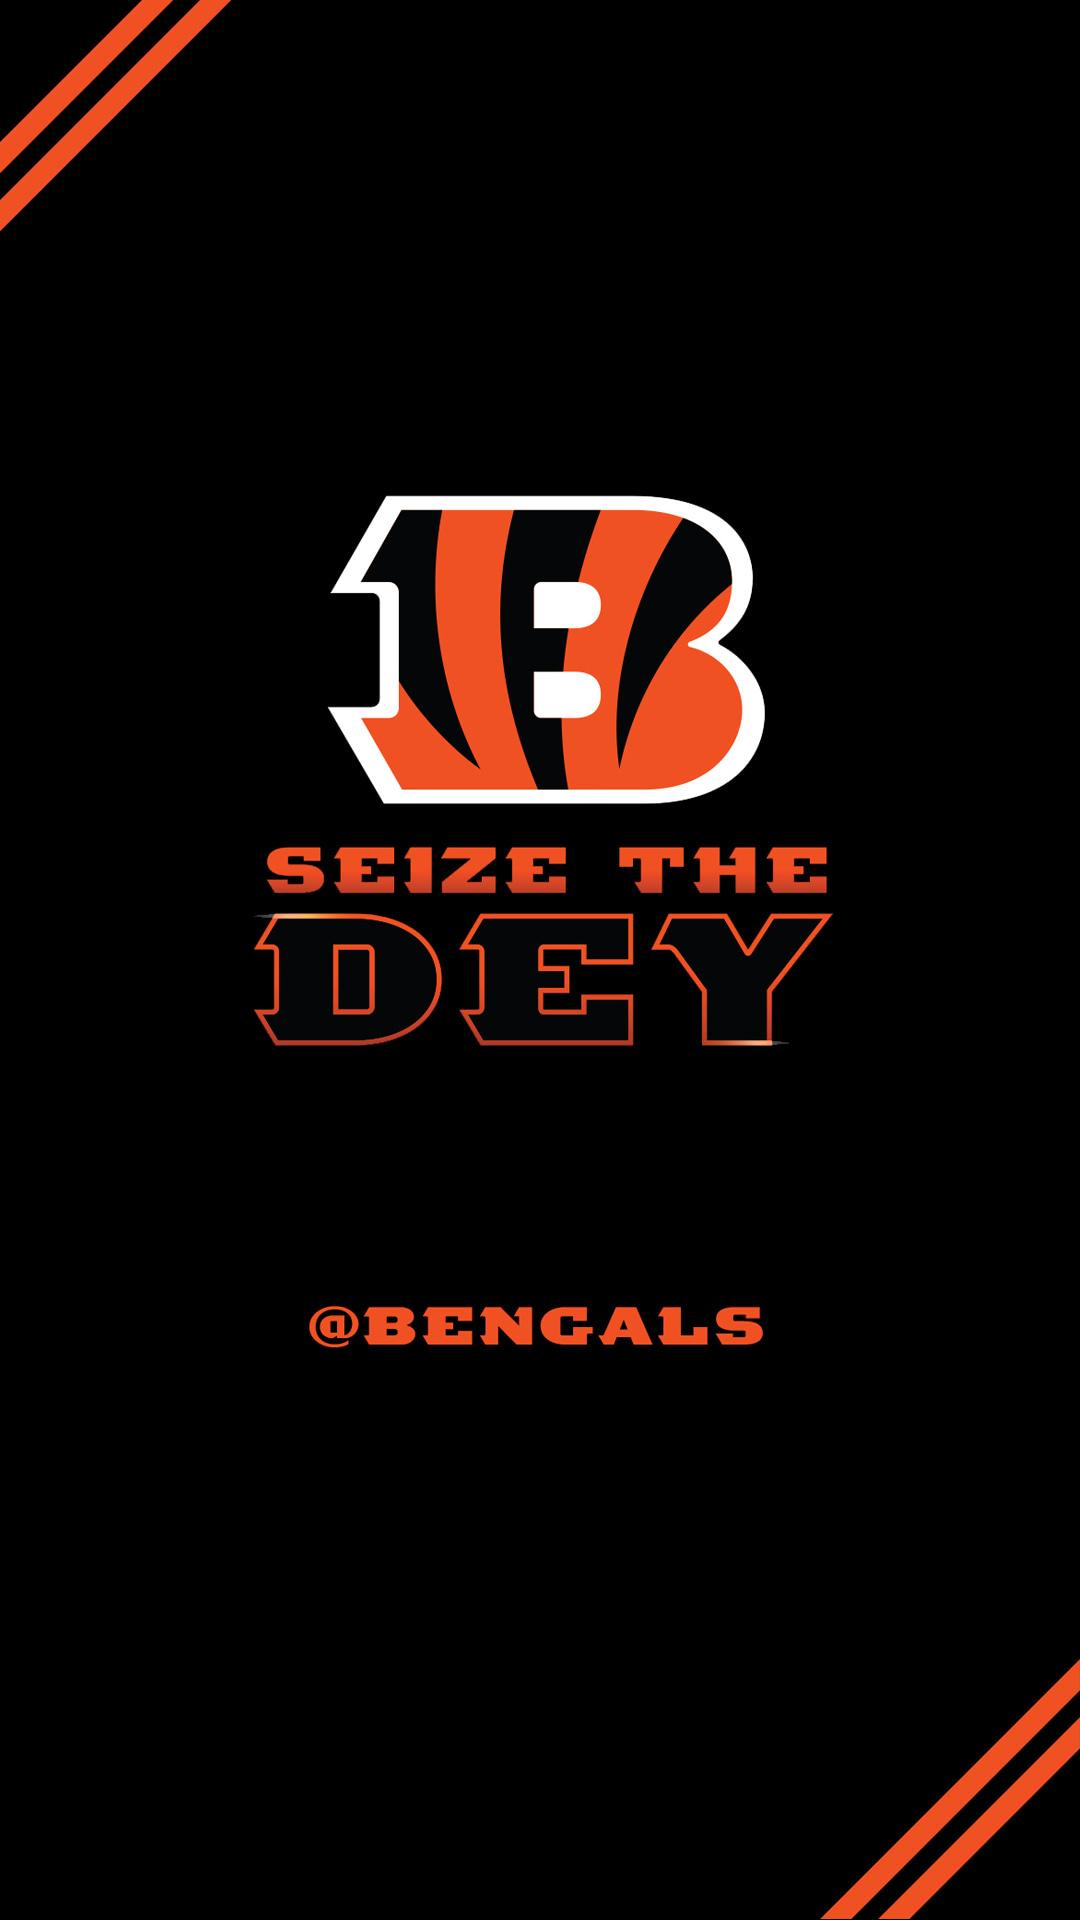 Seize the Dey